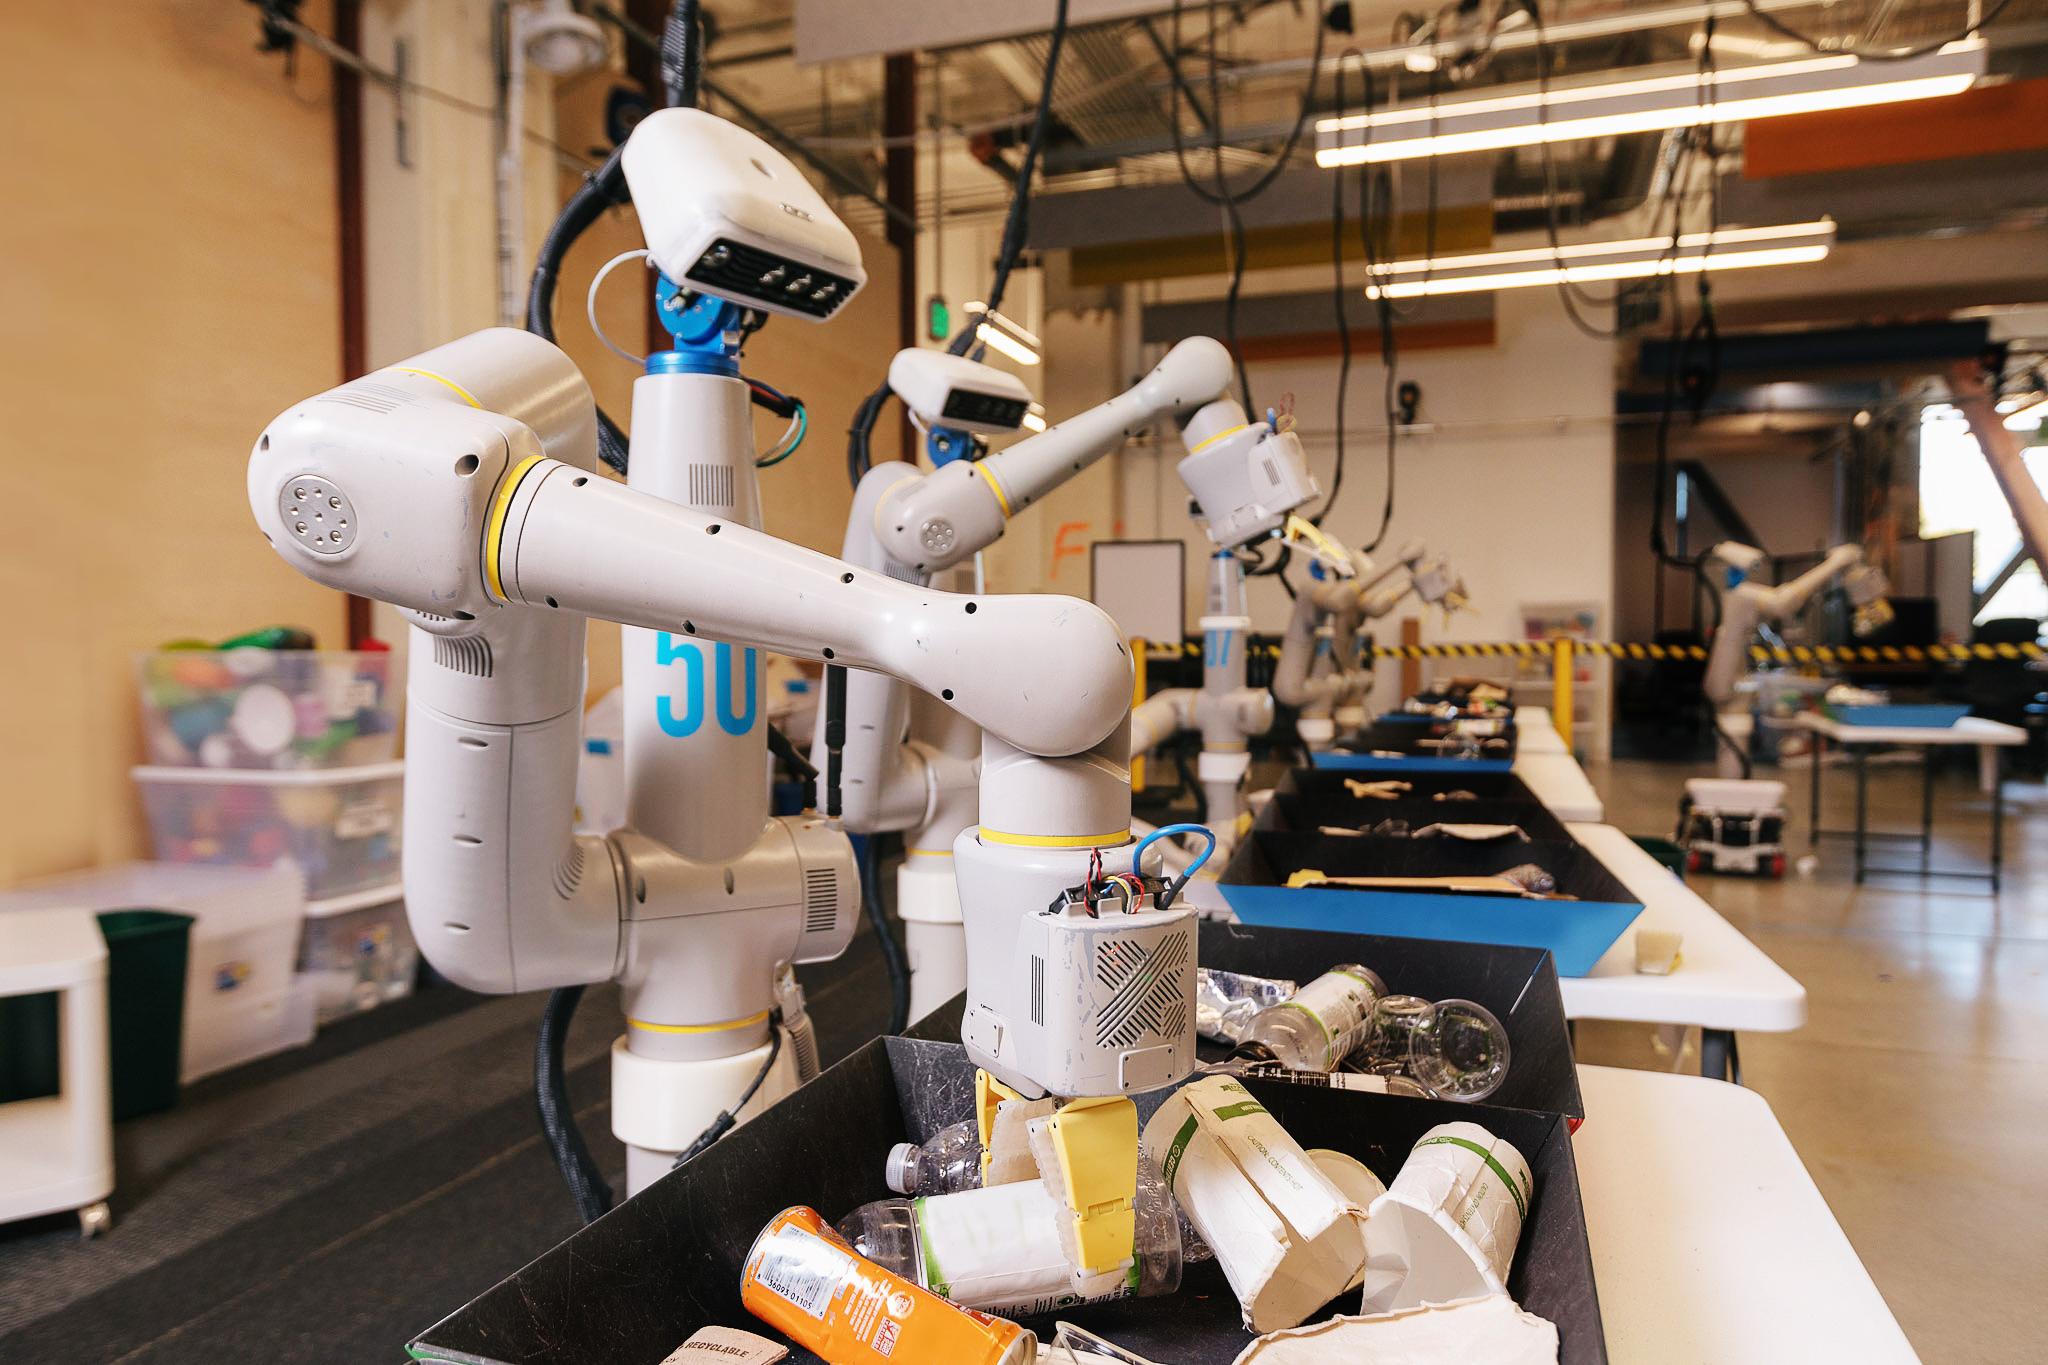 协作机器人平台化趋势将会是柔性自动化的破局之道——艾利特平台级CS系列协作机器人全